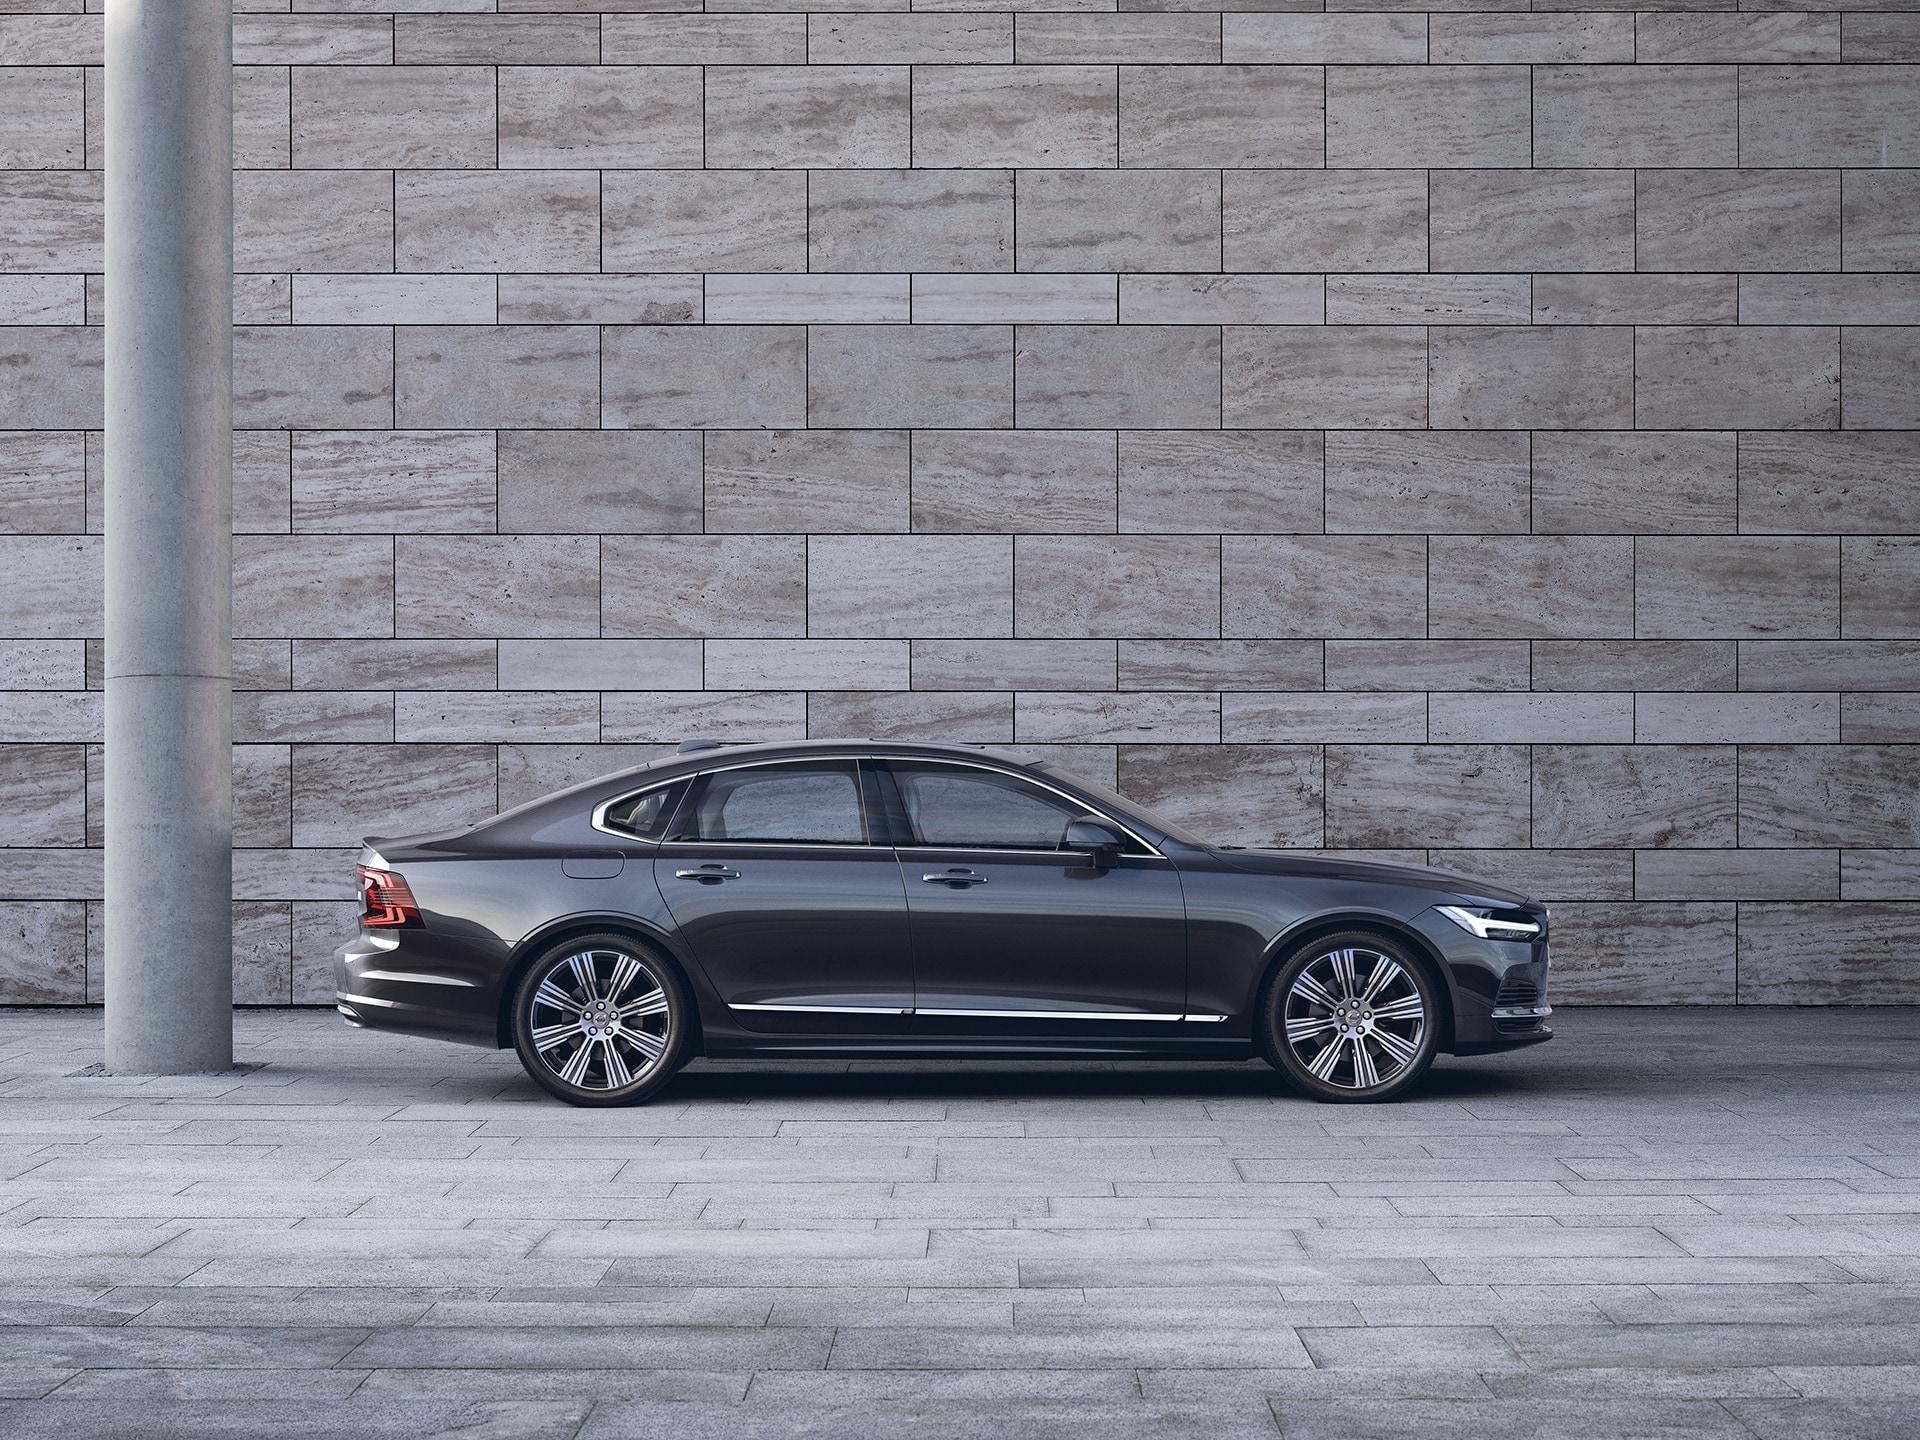 Une Volvo S90 sombre est parquée devant un mur gris